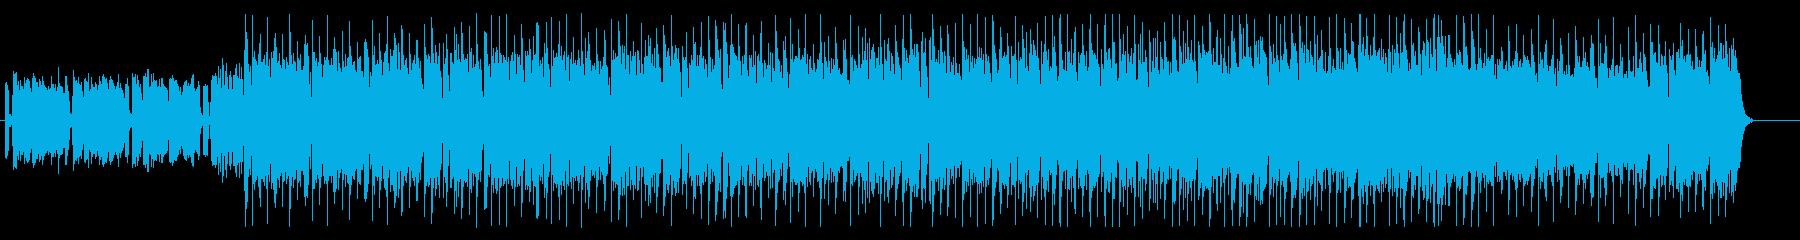 優しく明るい日常の雰囲気のテクノポップの再生済みの波形